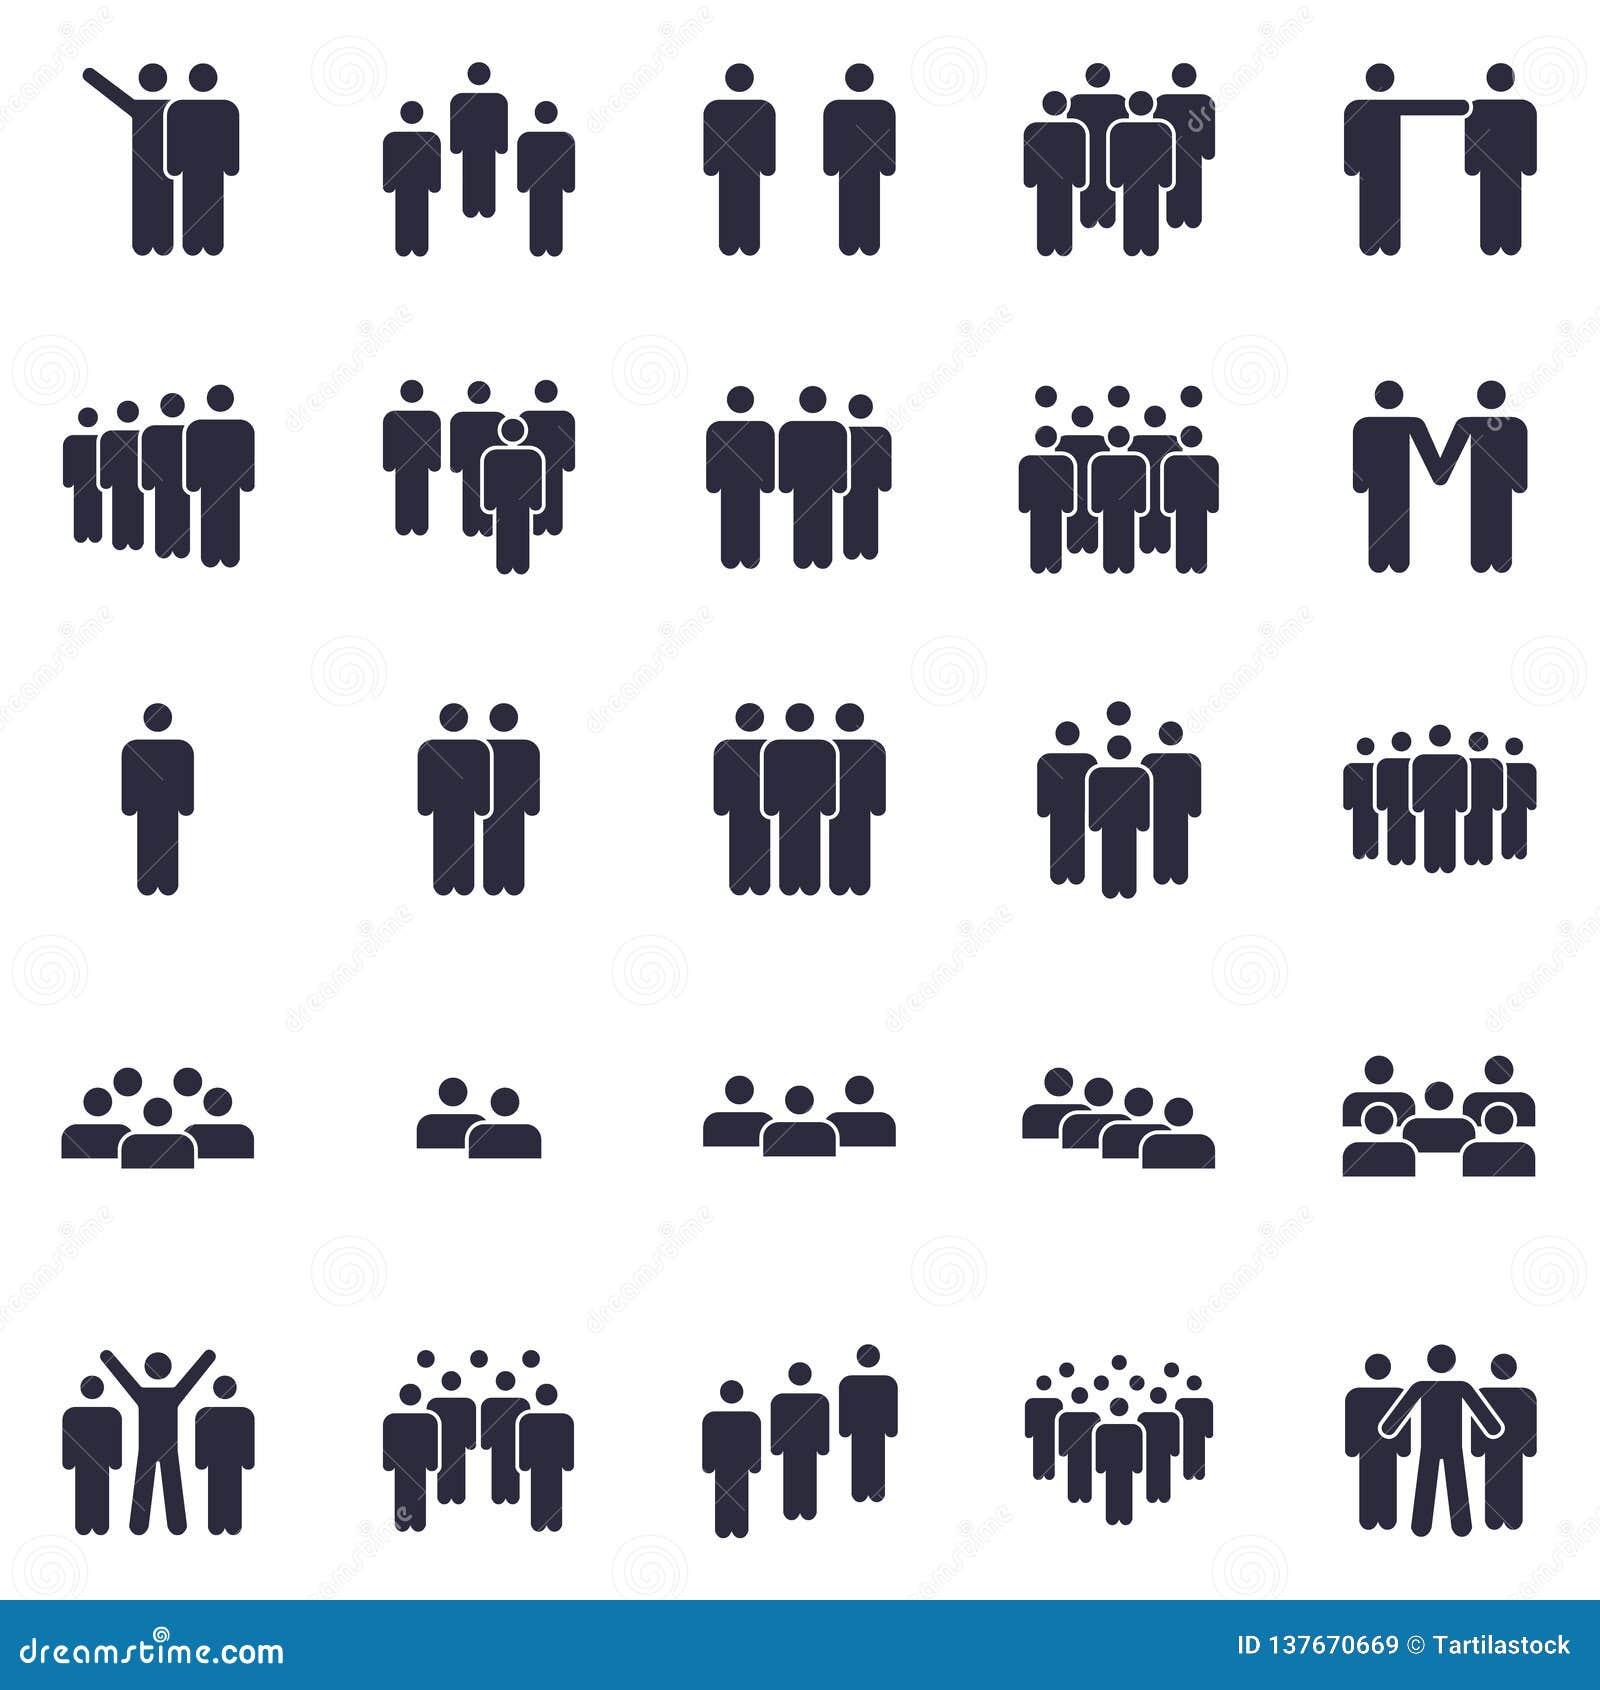 Grupper av personsymbolen Affärslagpersonen, symbolet för kontorsteamworkfolk och arbetsgruppen isolerade kontursymboler